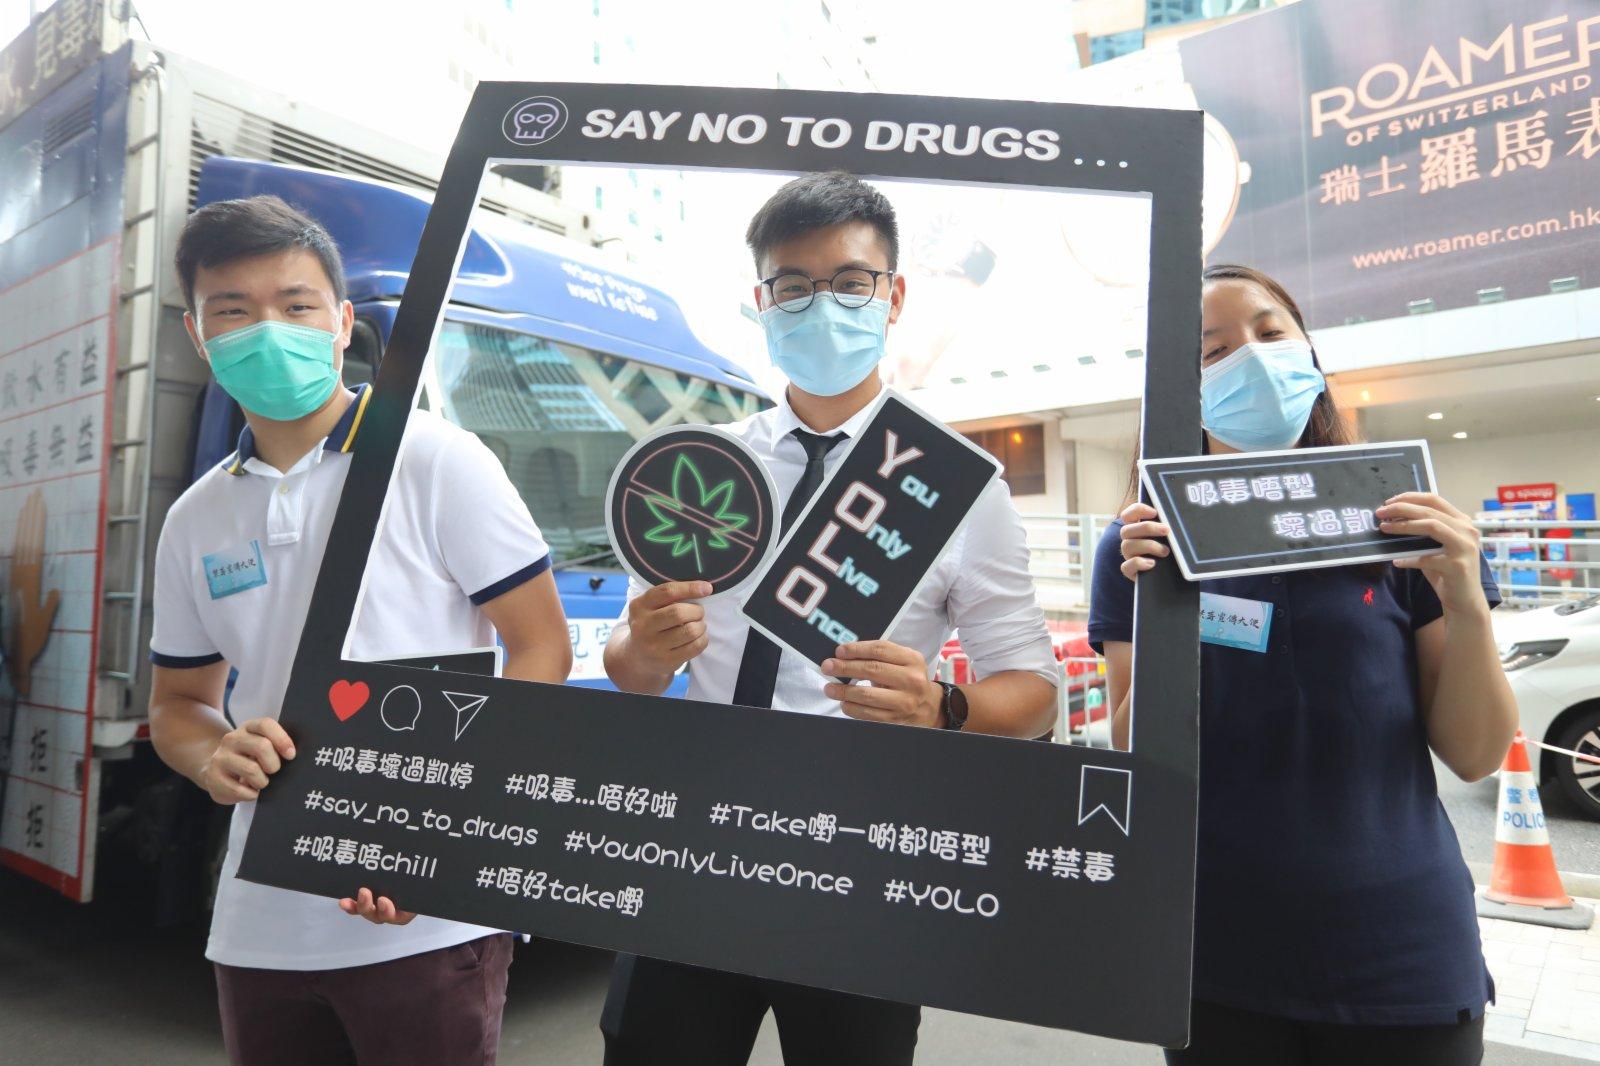 警方毒品調查科展開「禁毒月」系列宣傳及教育活動。(大公文匯全媒體記者李斯哲攝)